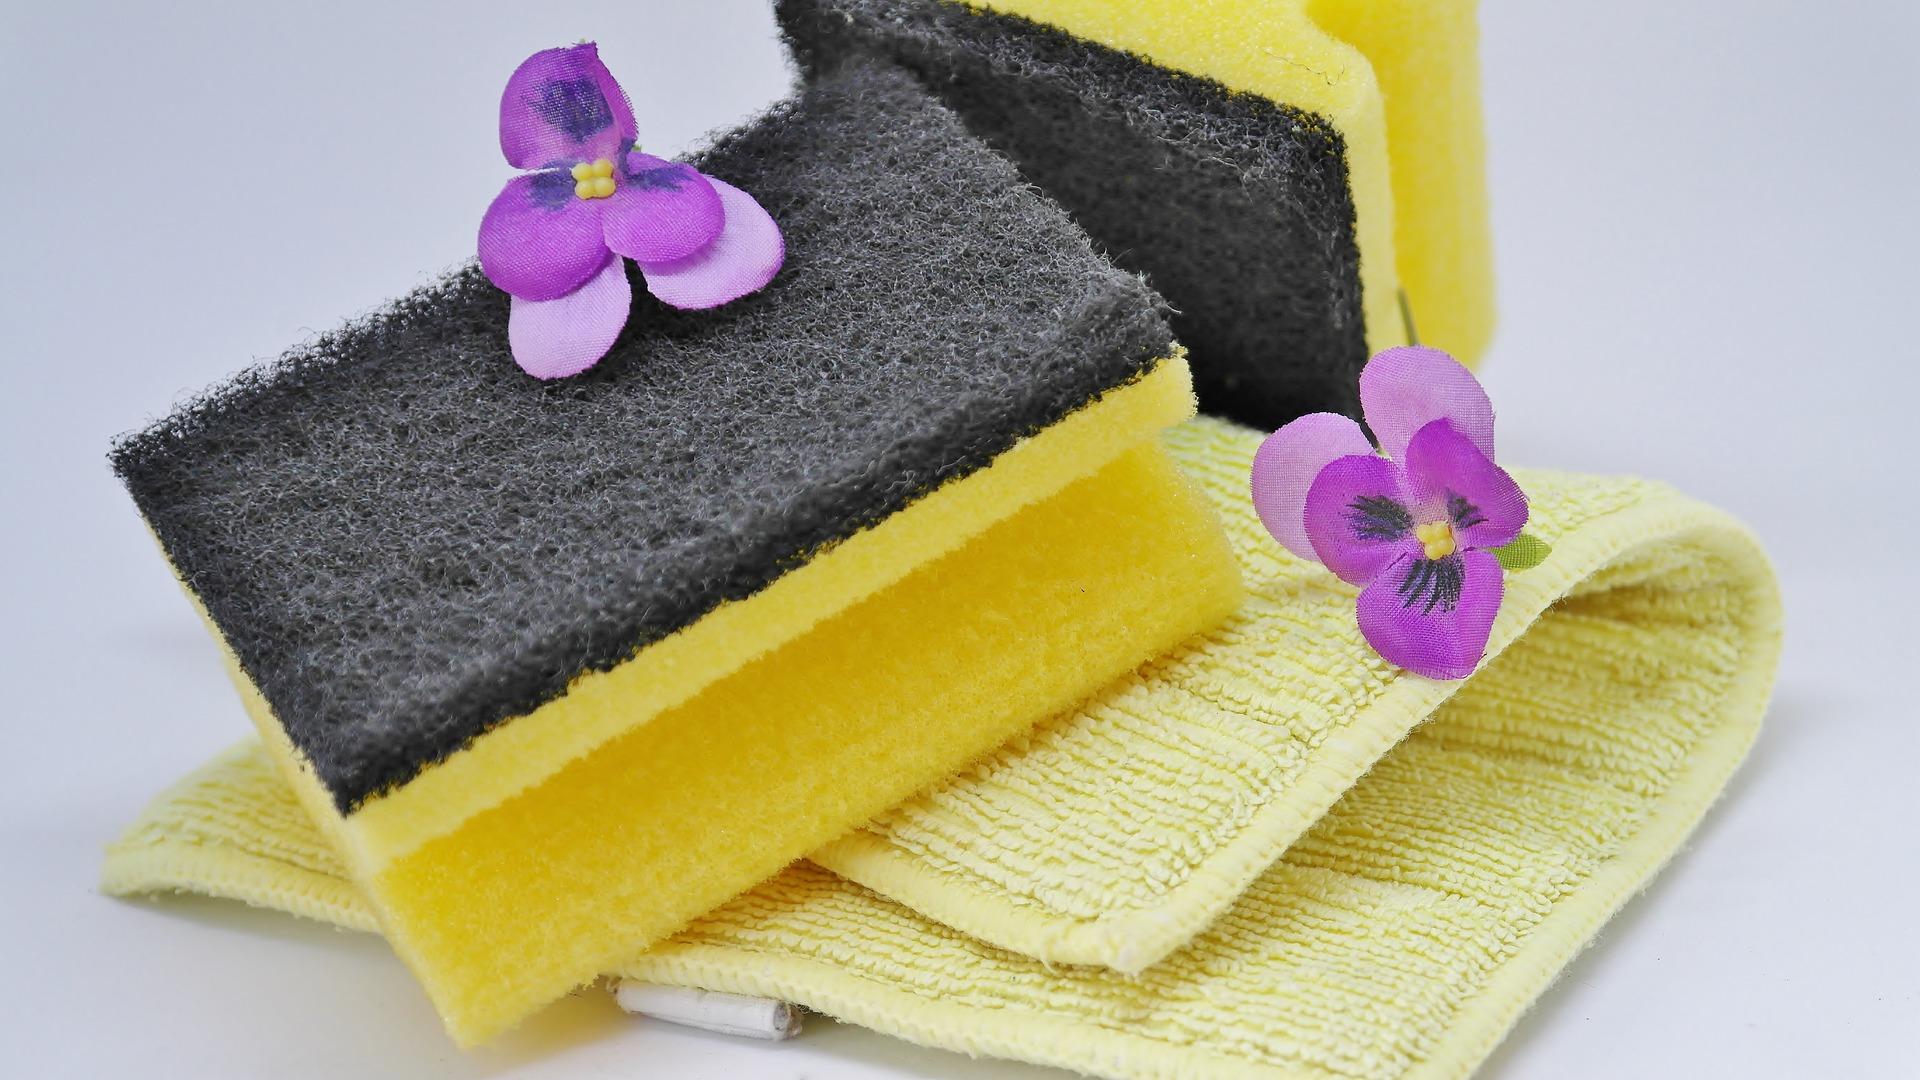 5 מוצרים שיהפכו את הניקיונות בבית לקלים